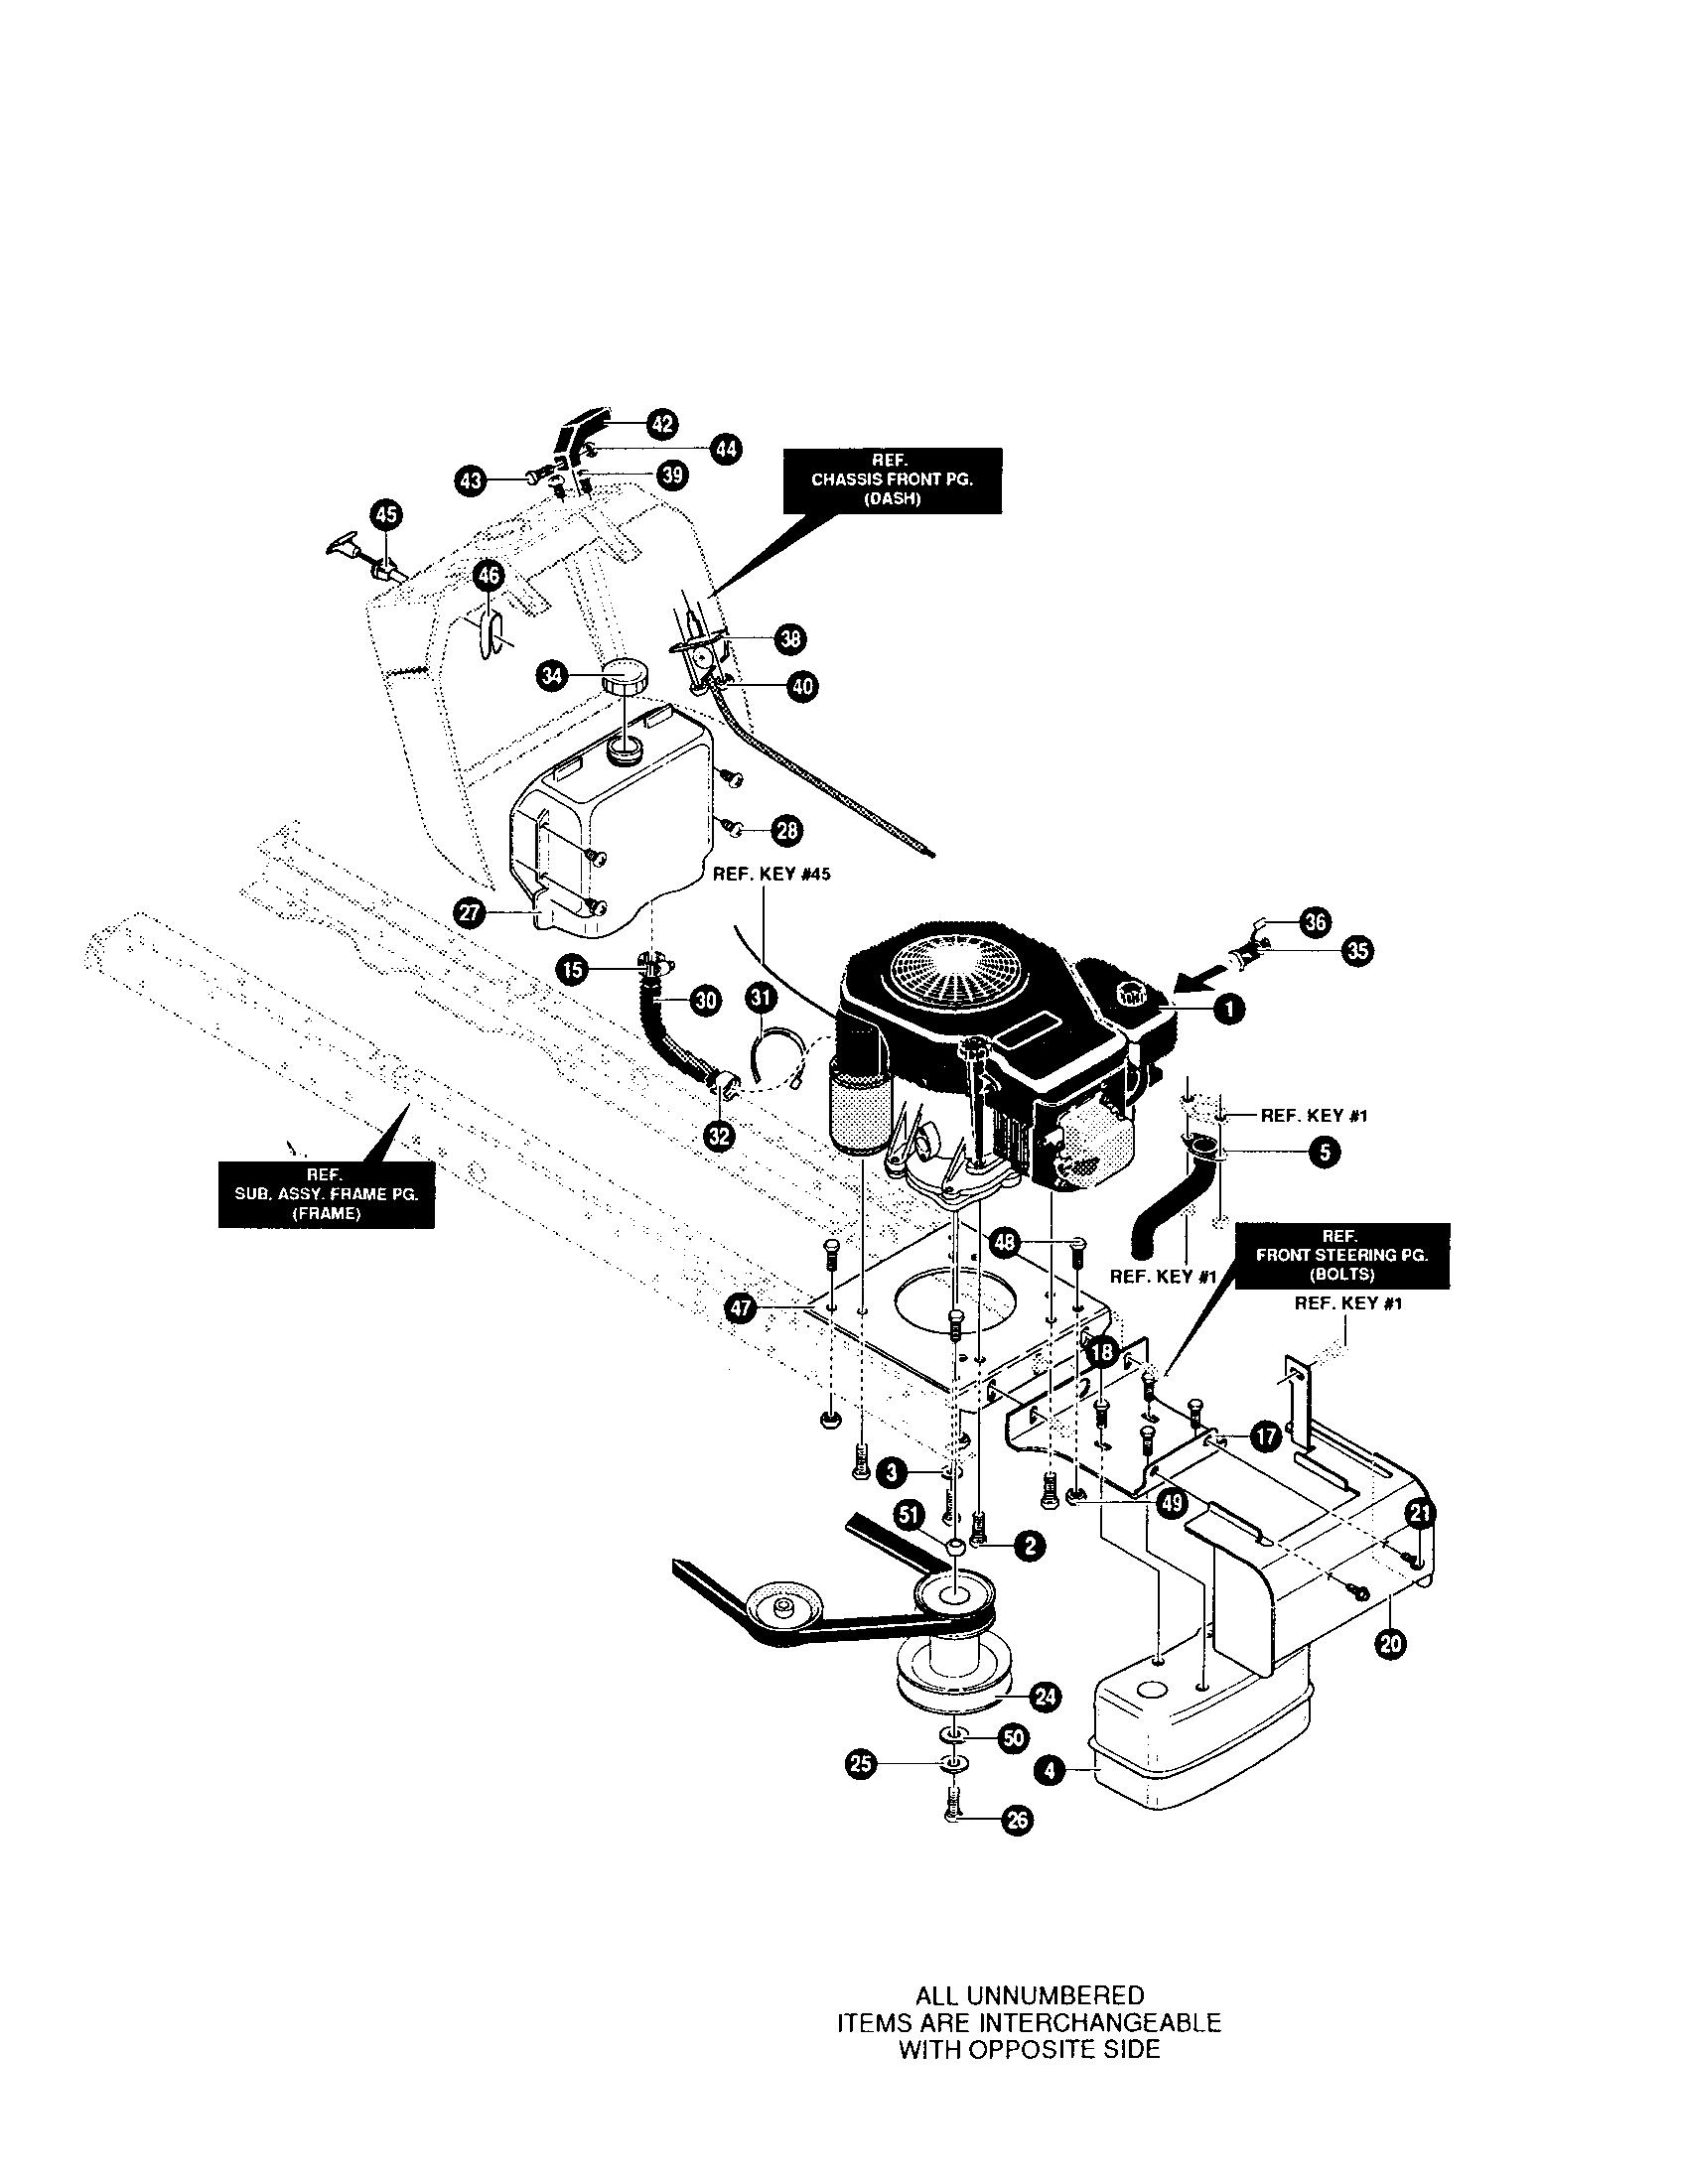 15 5hp Kohler Charging Wiring Diagram French Grimes Magneto Wiring Schematic For Wiring Diagram Schematics